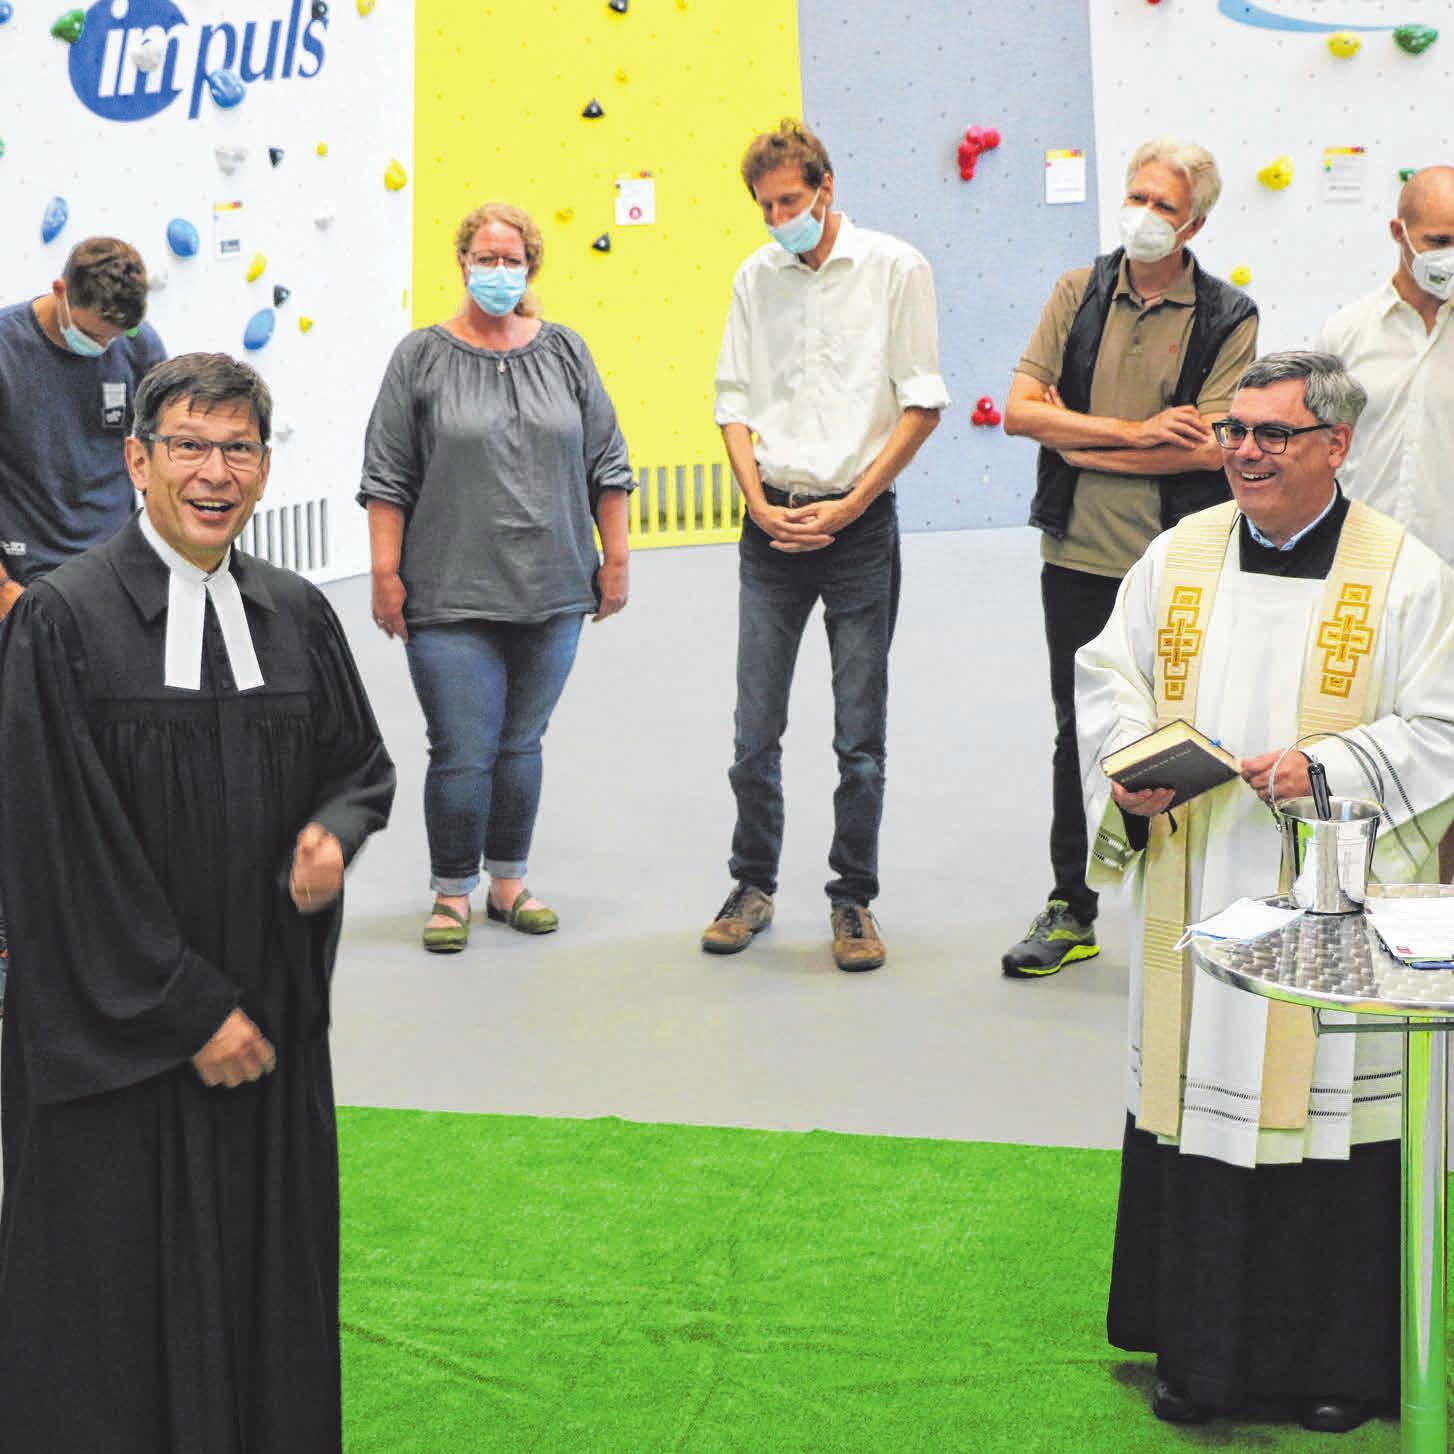 Die beiden Pfarrer, Peter Schmogro (l.) und Stefan Ruf, haben die Kletterhalle gesegnet.